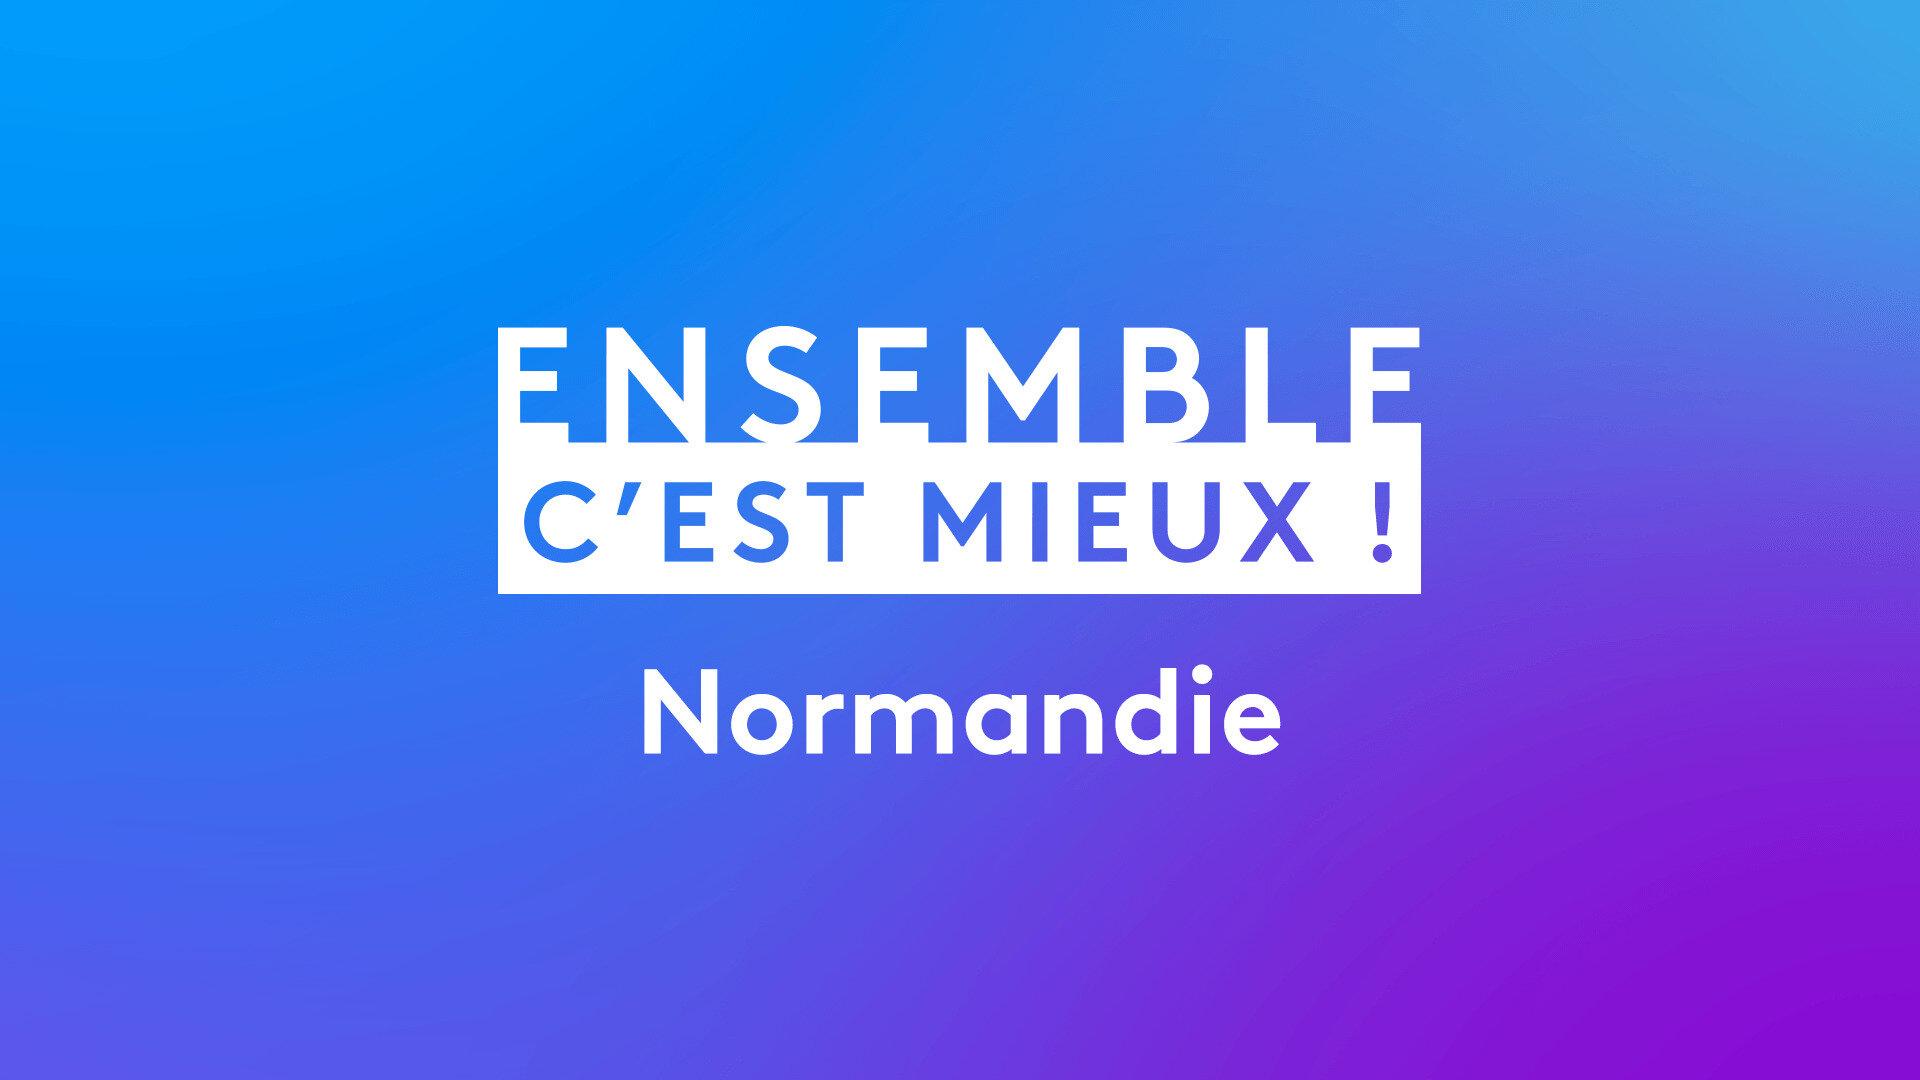 Ensemble c'est mieux ! Normandie : Comment parler de la sexualité aux enfants ?